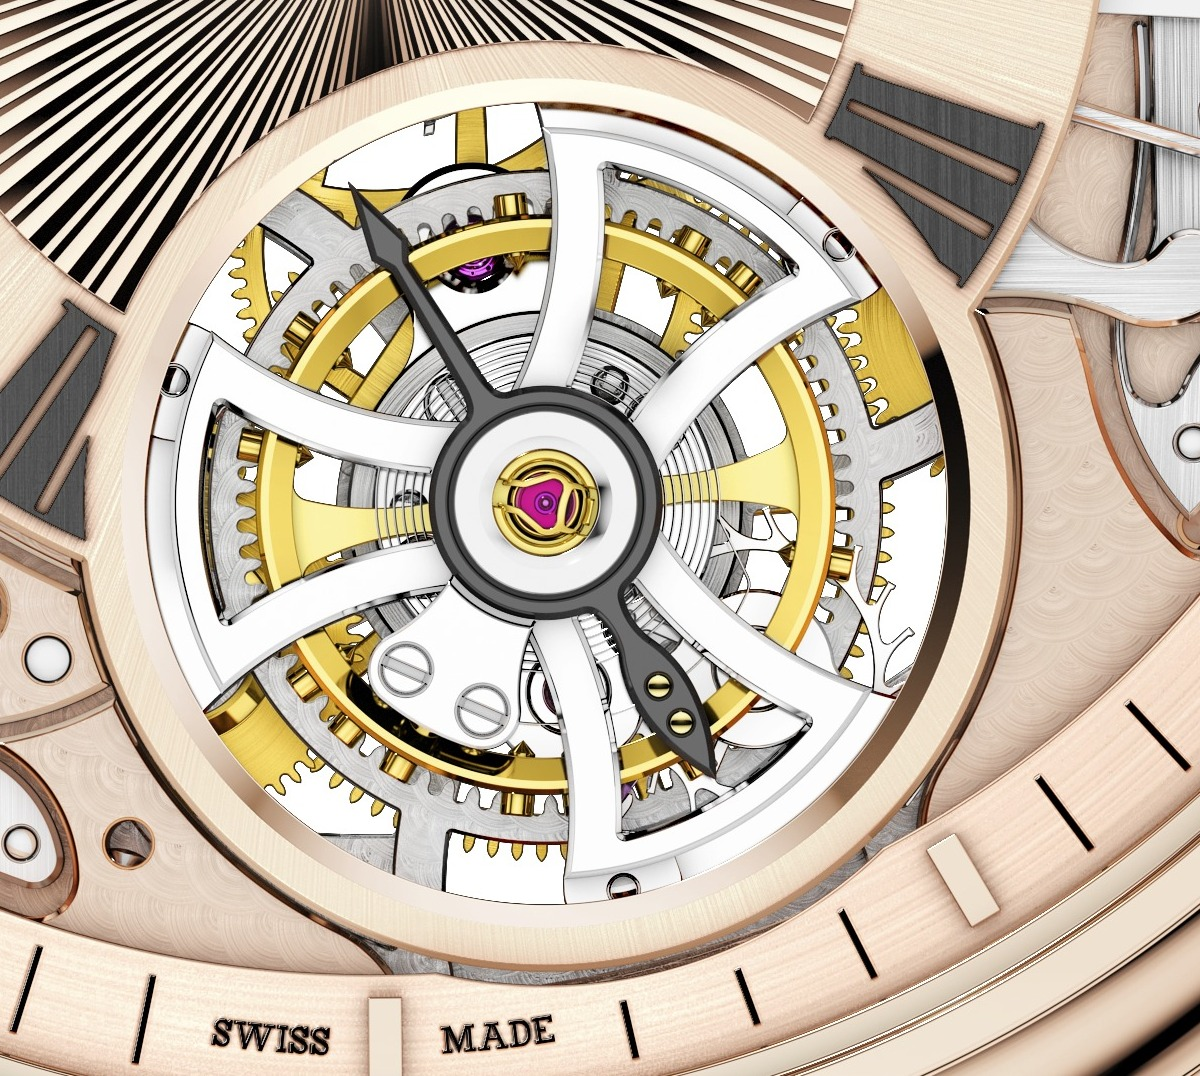 roger-dubuis-hommage-ripetizione-minuti-tourbillon-automatico-limited-edition-0-100_4